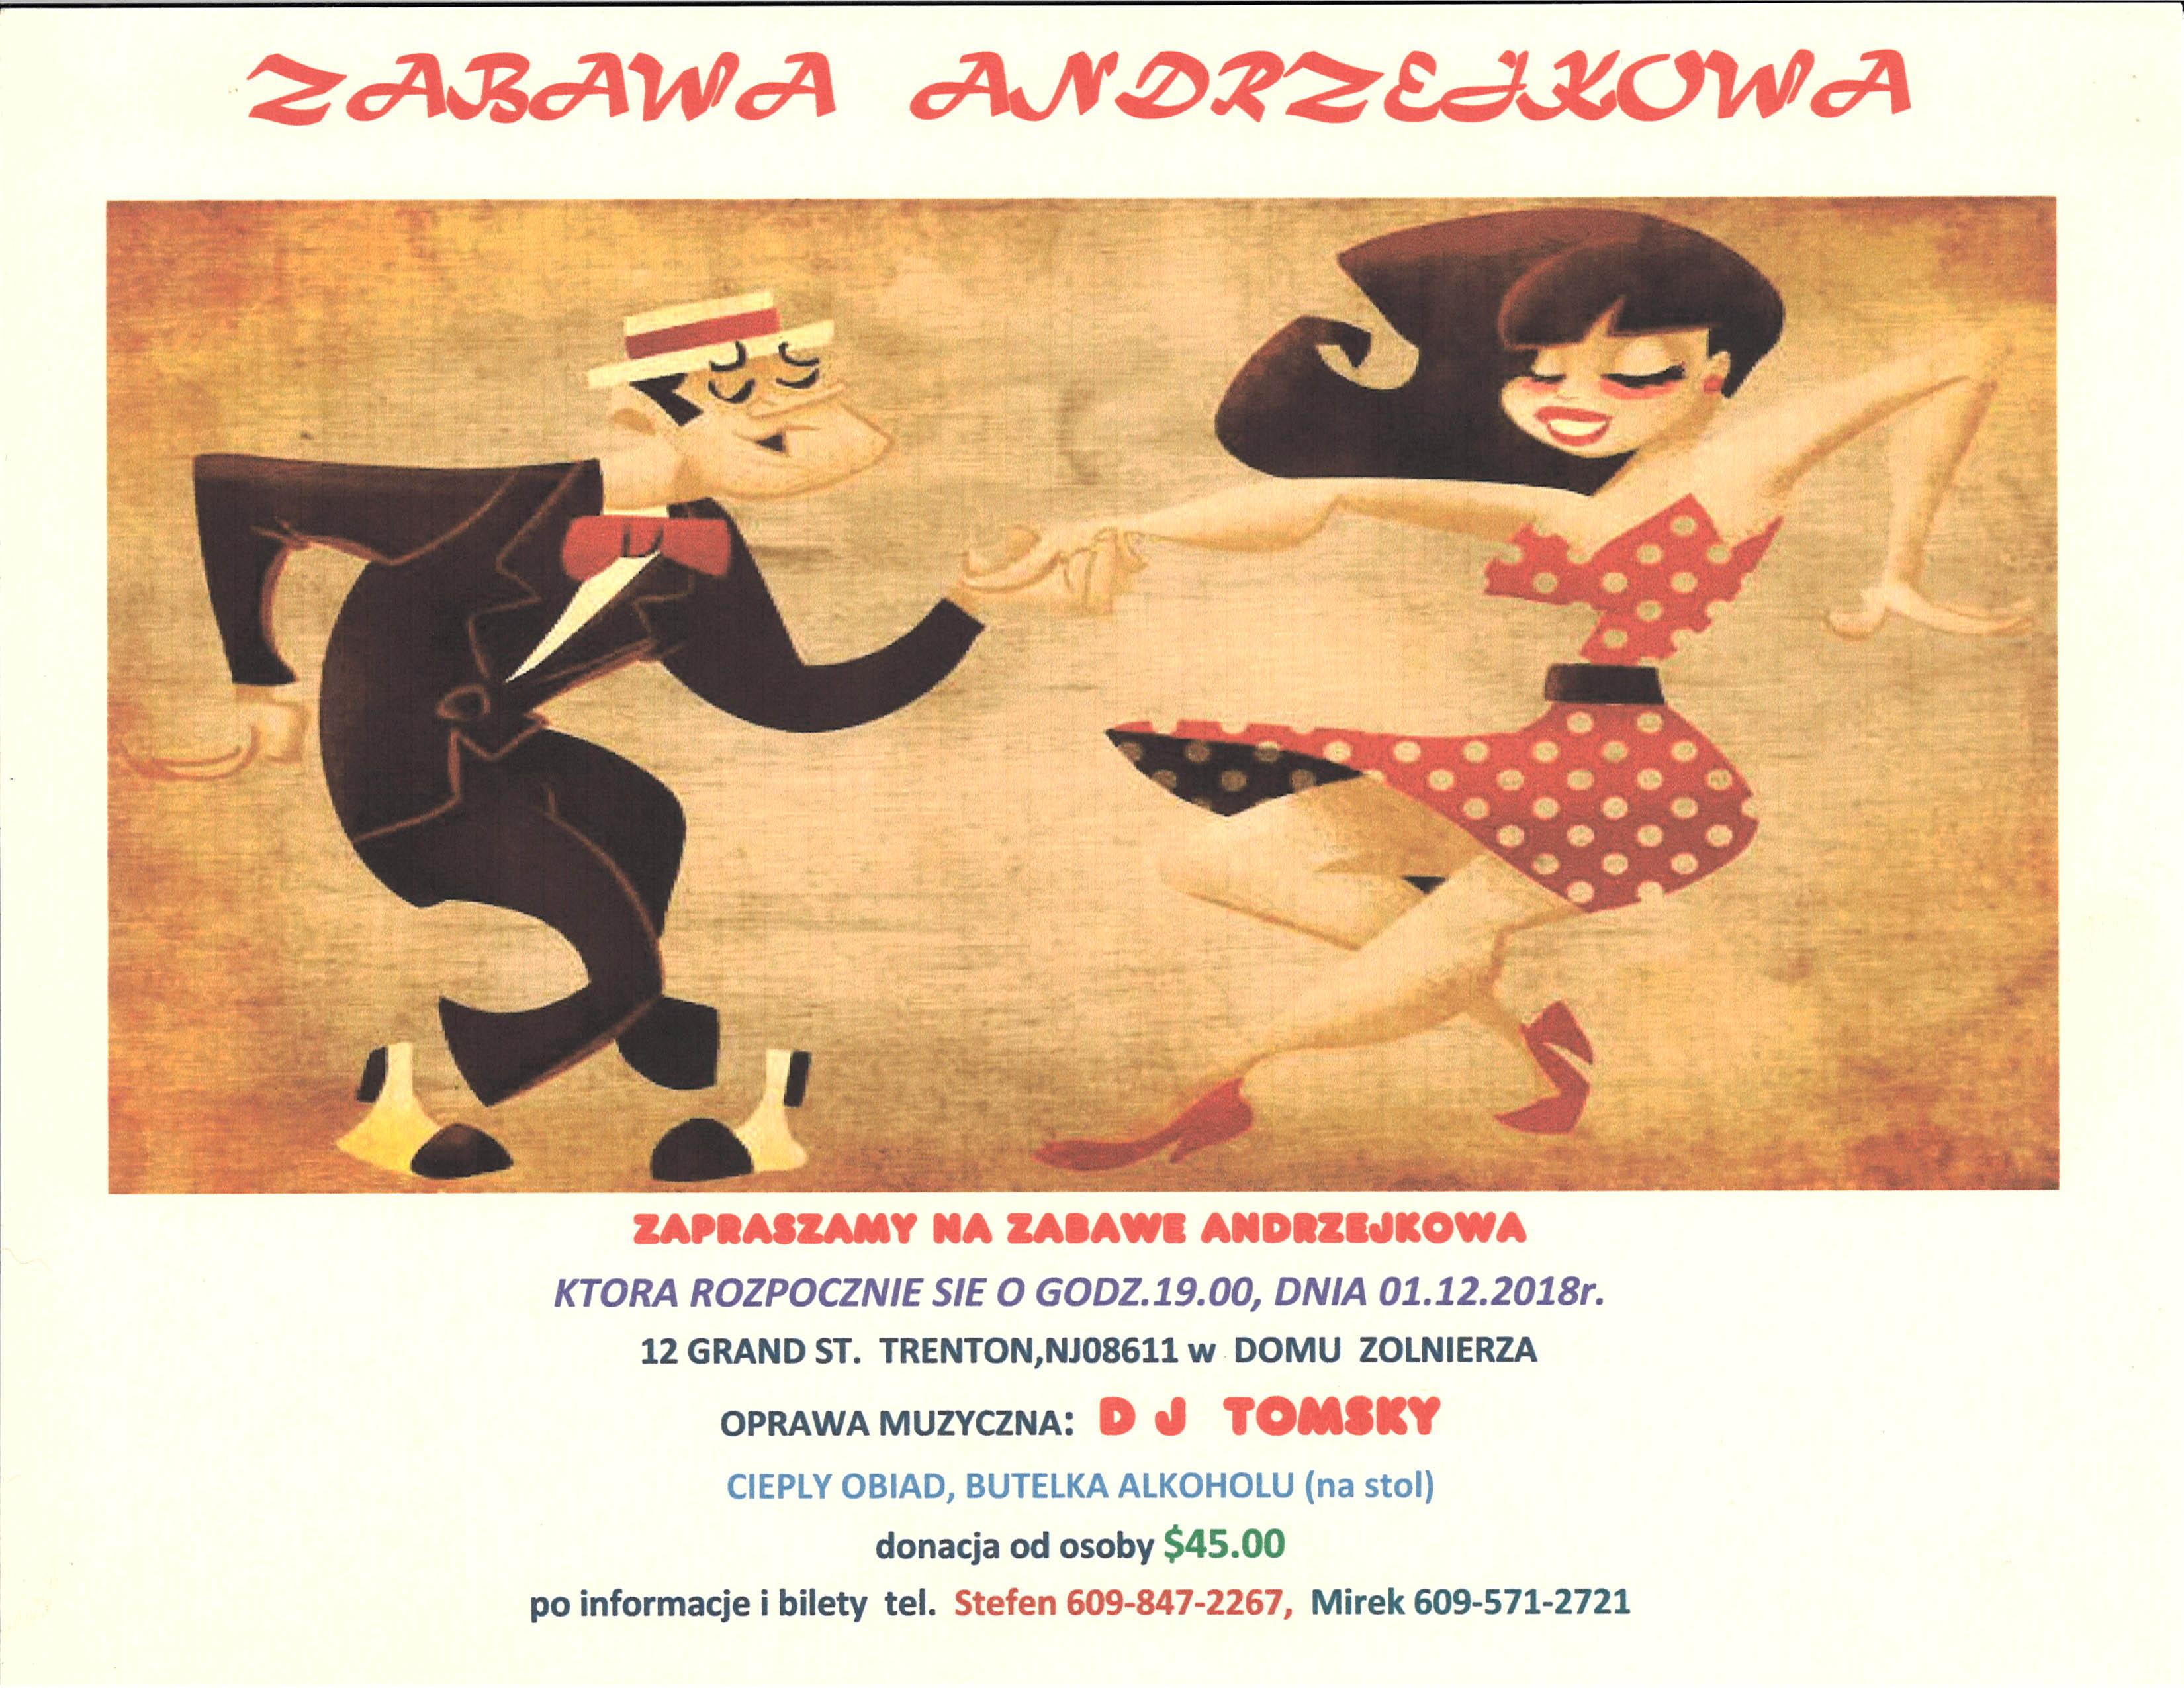 Ogłoszenie darmowe. Lokalizacja:  Trenton, 12 Grand St.. IMPREZY - Pikniki i zabawy taneczne. ZAPRASZAMY NA ZABAWĘ ANDRZEJKOWĄ !.